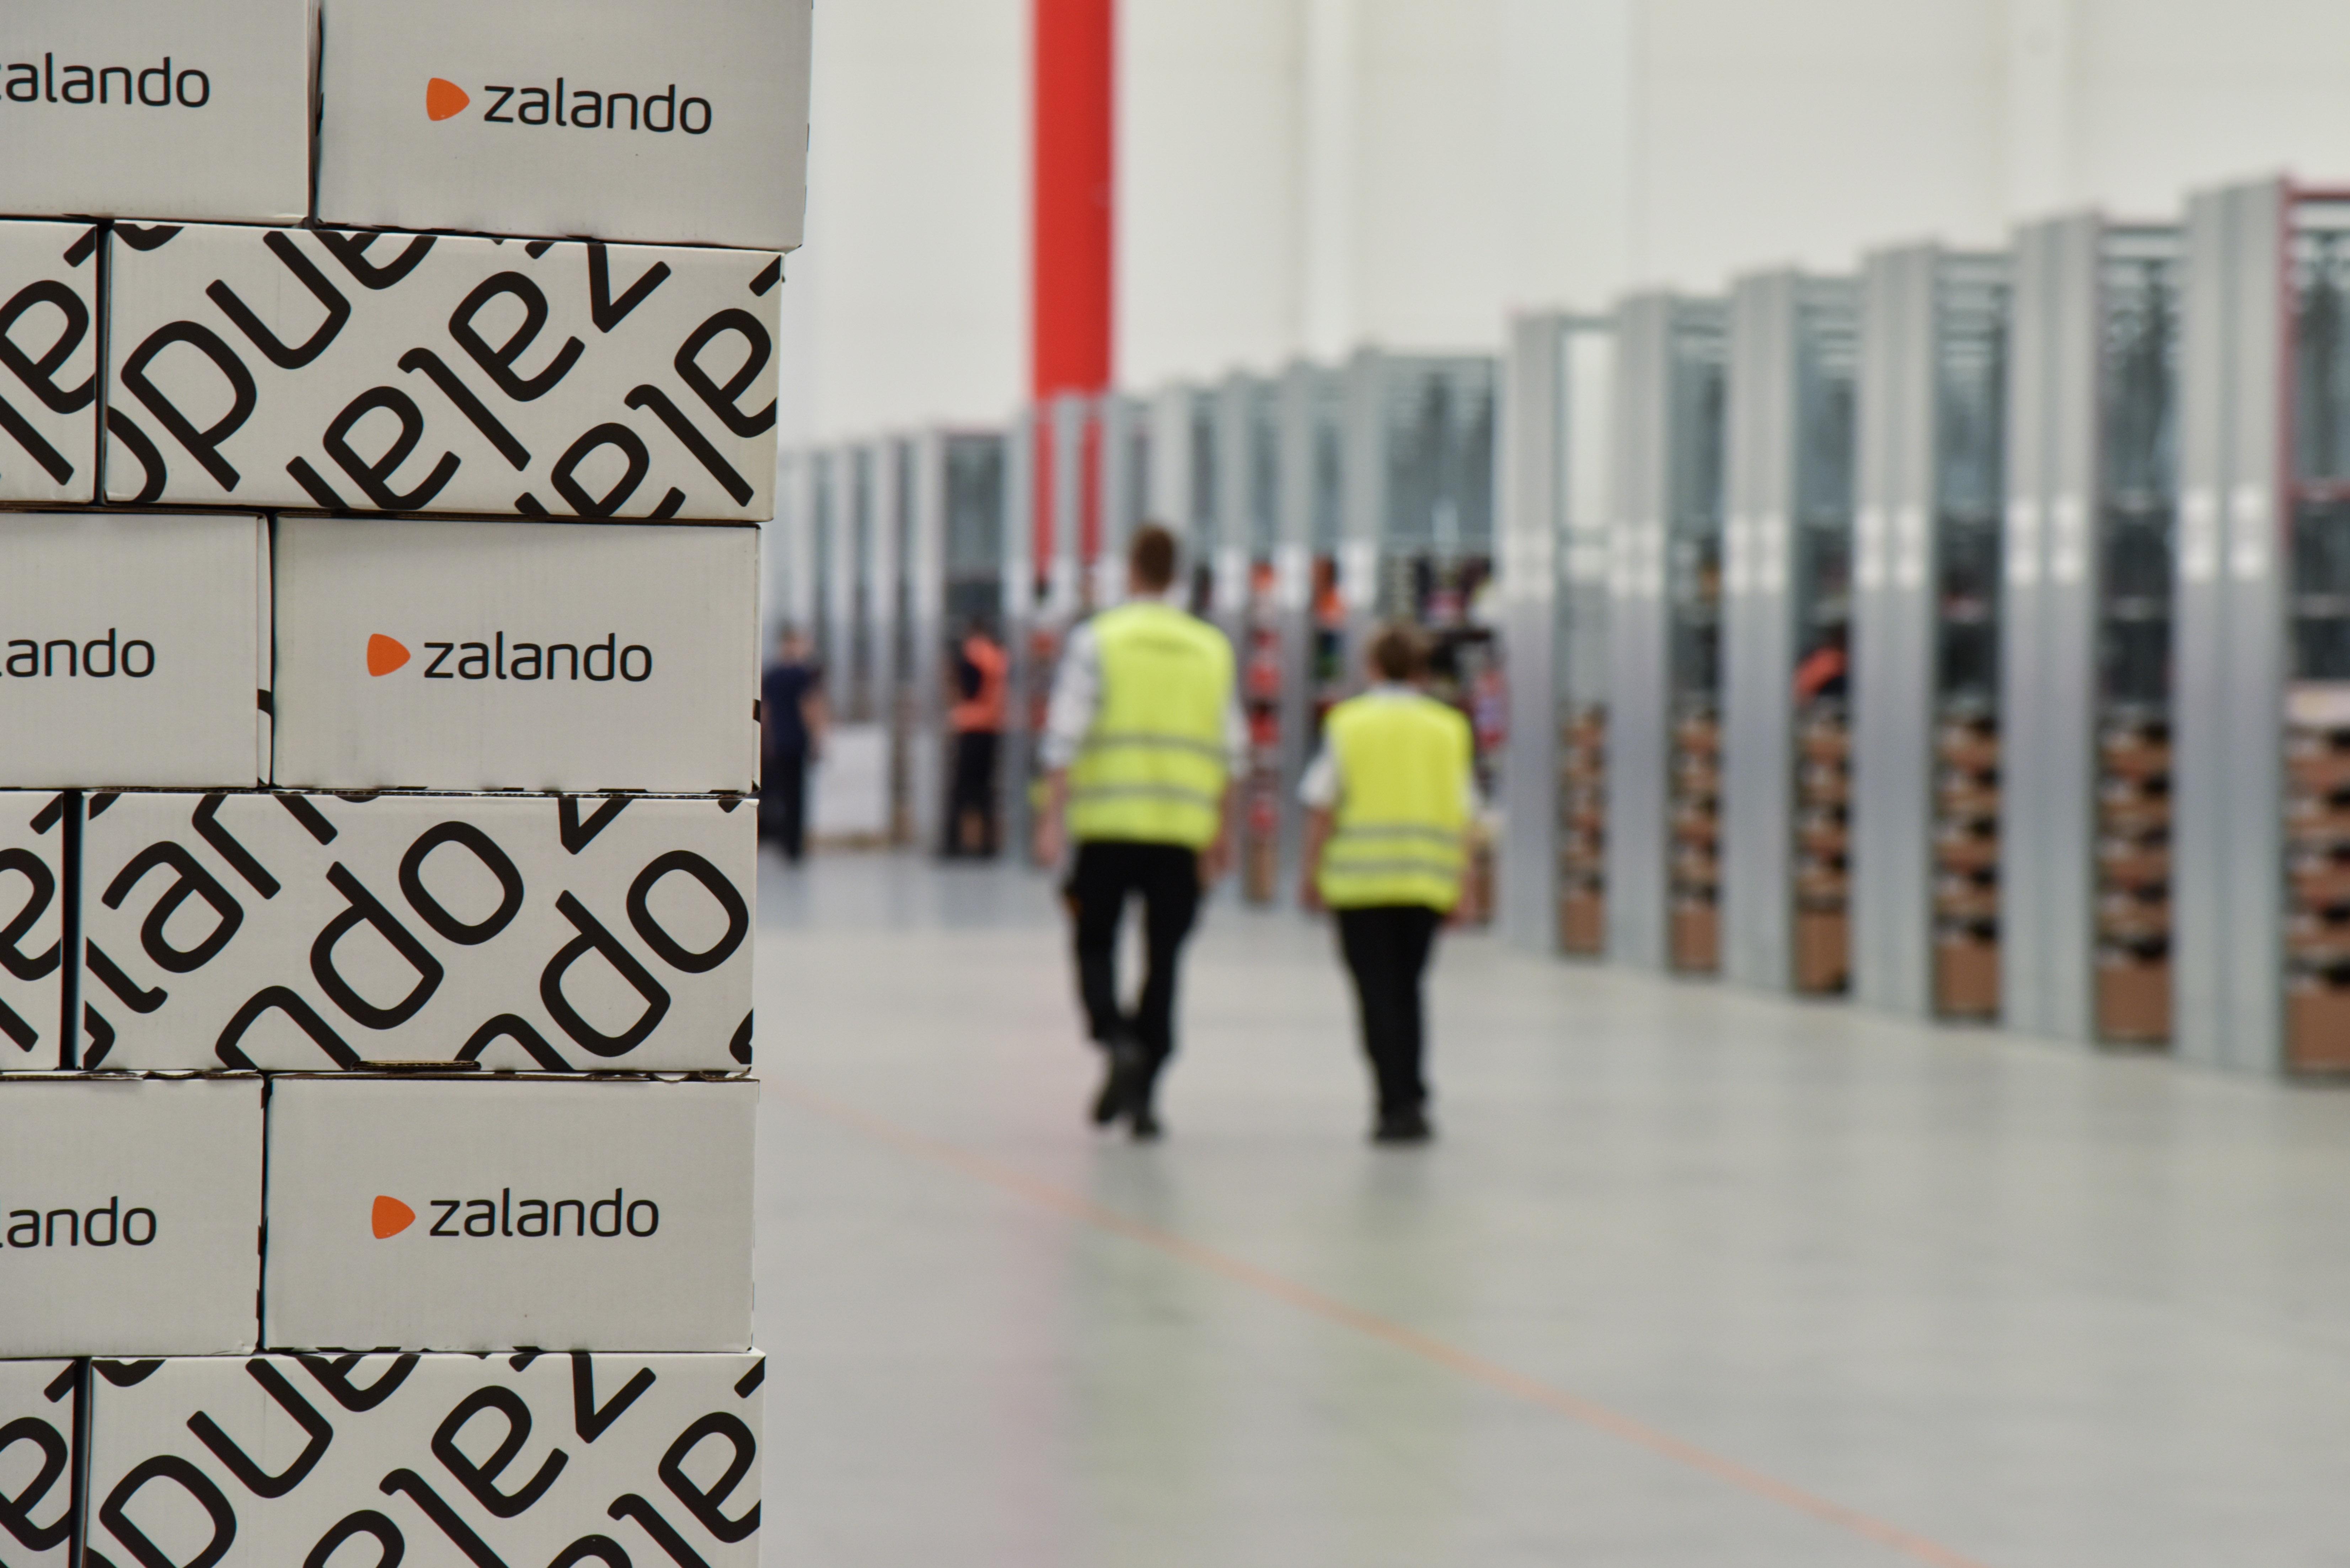 reputable site b6a0d 9d82b Zalando: Zalando, al via il raddoppio della capacità del ...